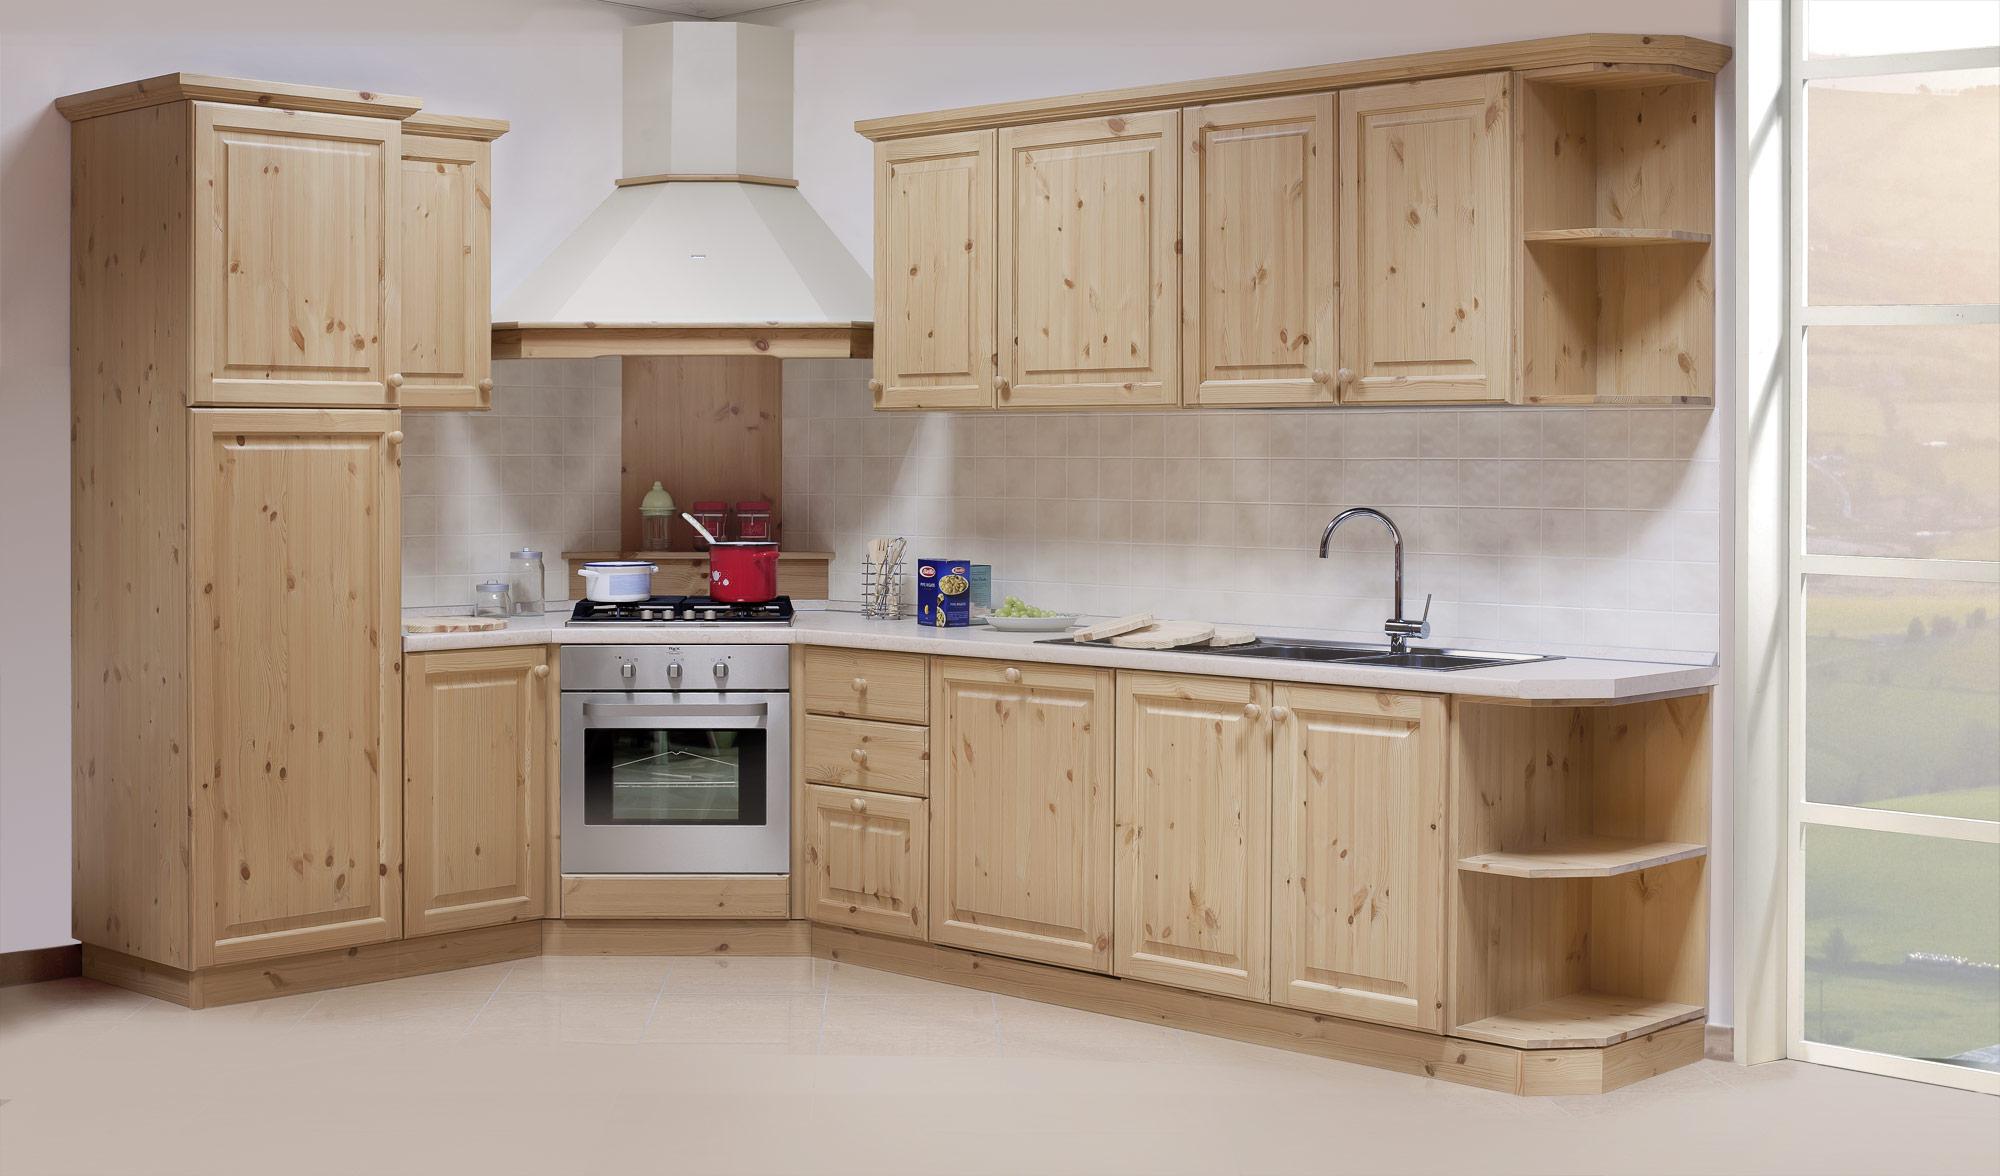 Arredamenti rustici composizione cucine personalizzate - Composizione cucina ad angolo ...